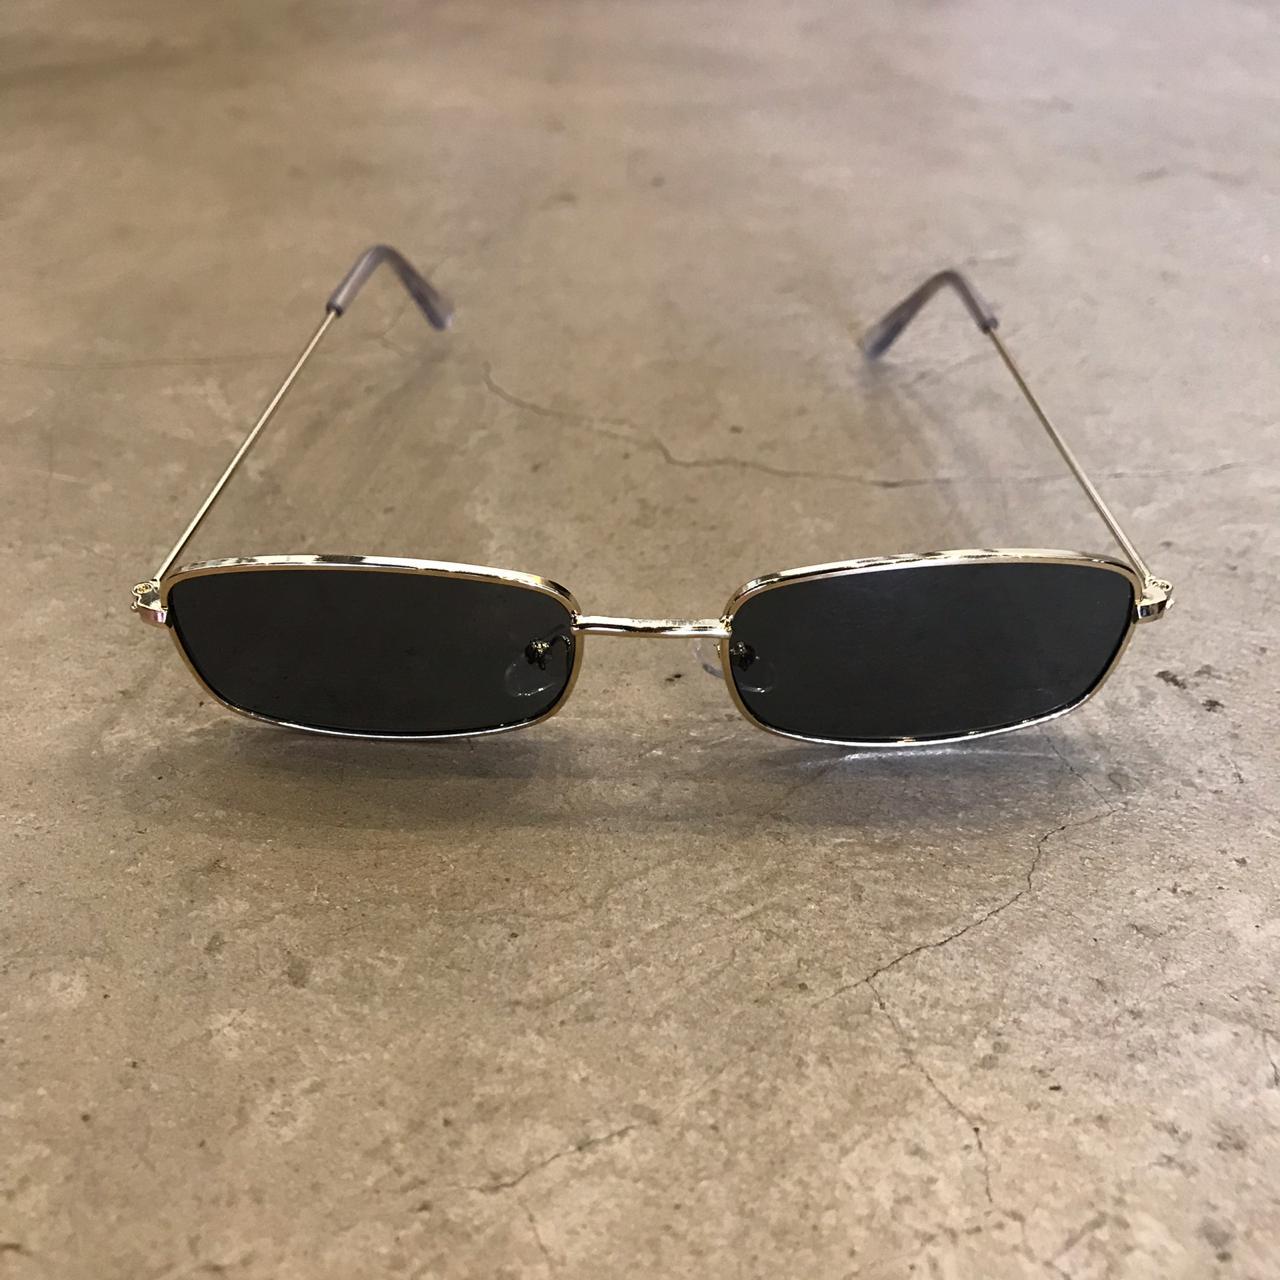 6a5cf5e650ffe Óculos Vintage